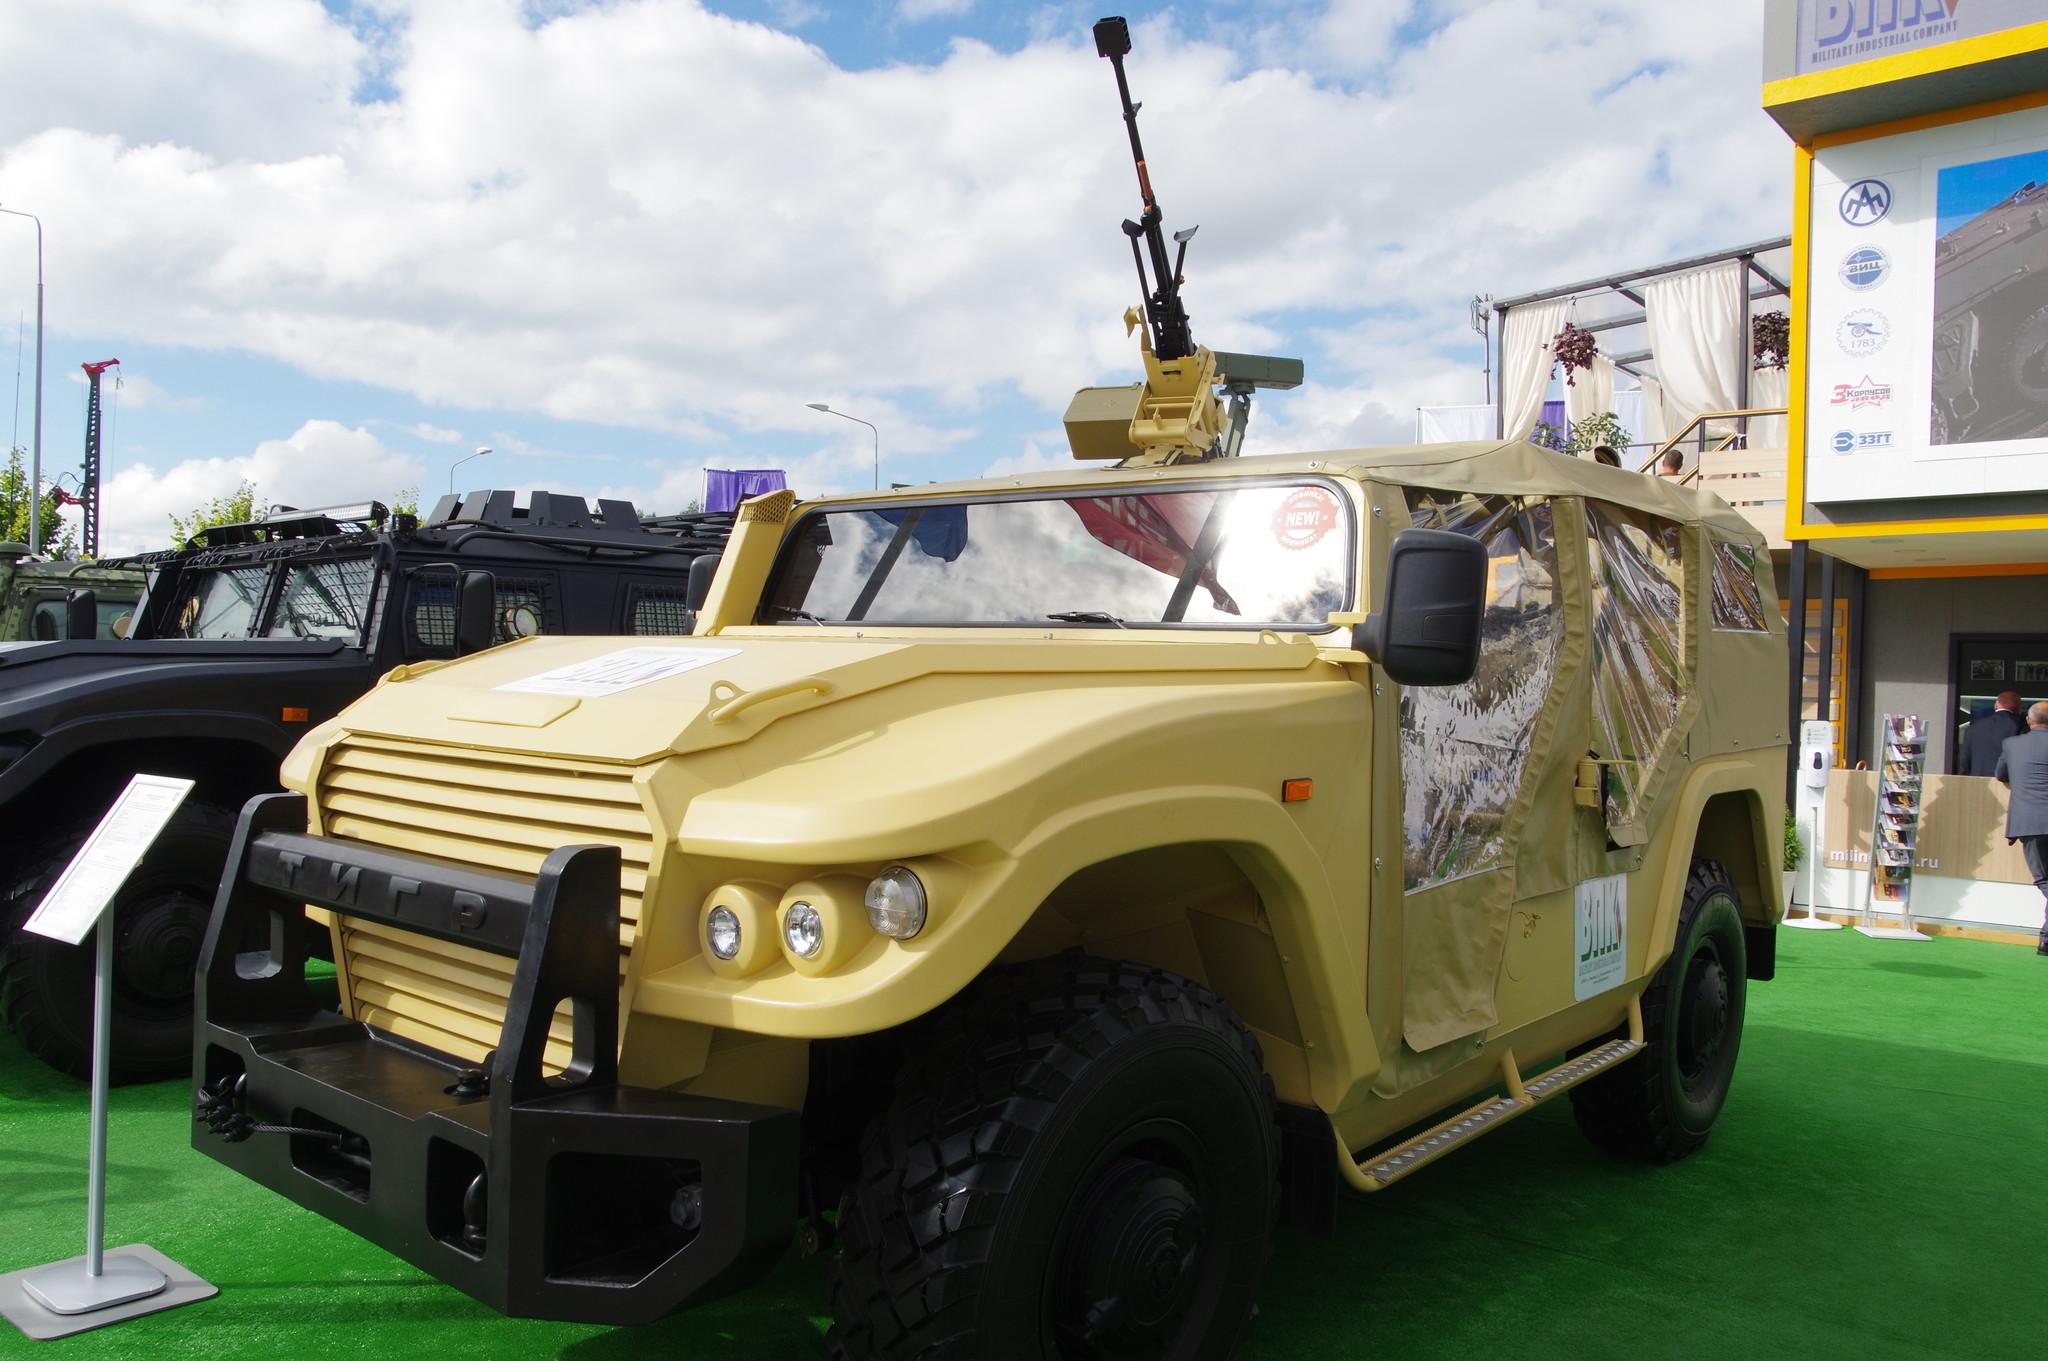 Автомобиль СБМ ВПК-233136 «Тигр» (в исполнении «Багги»)